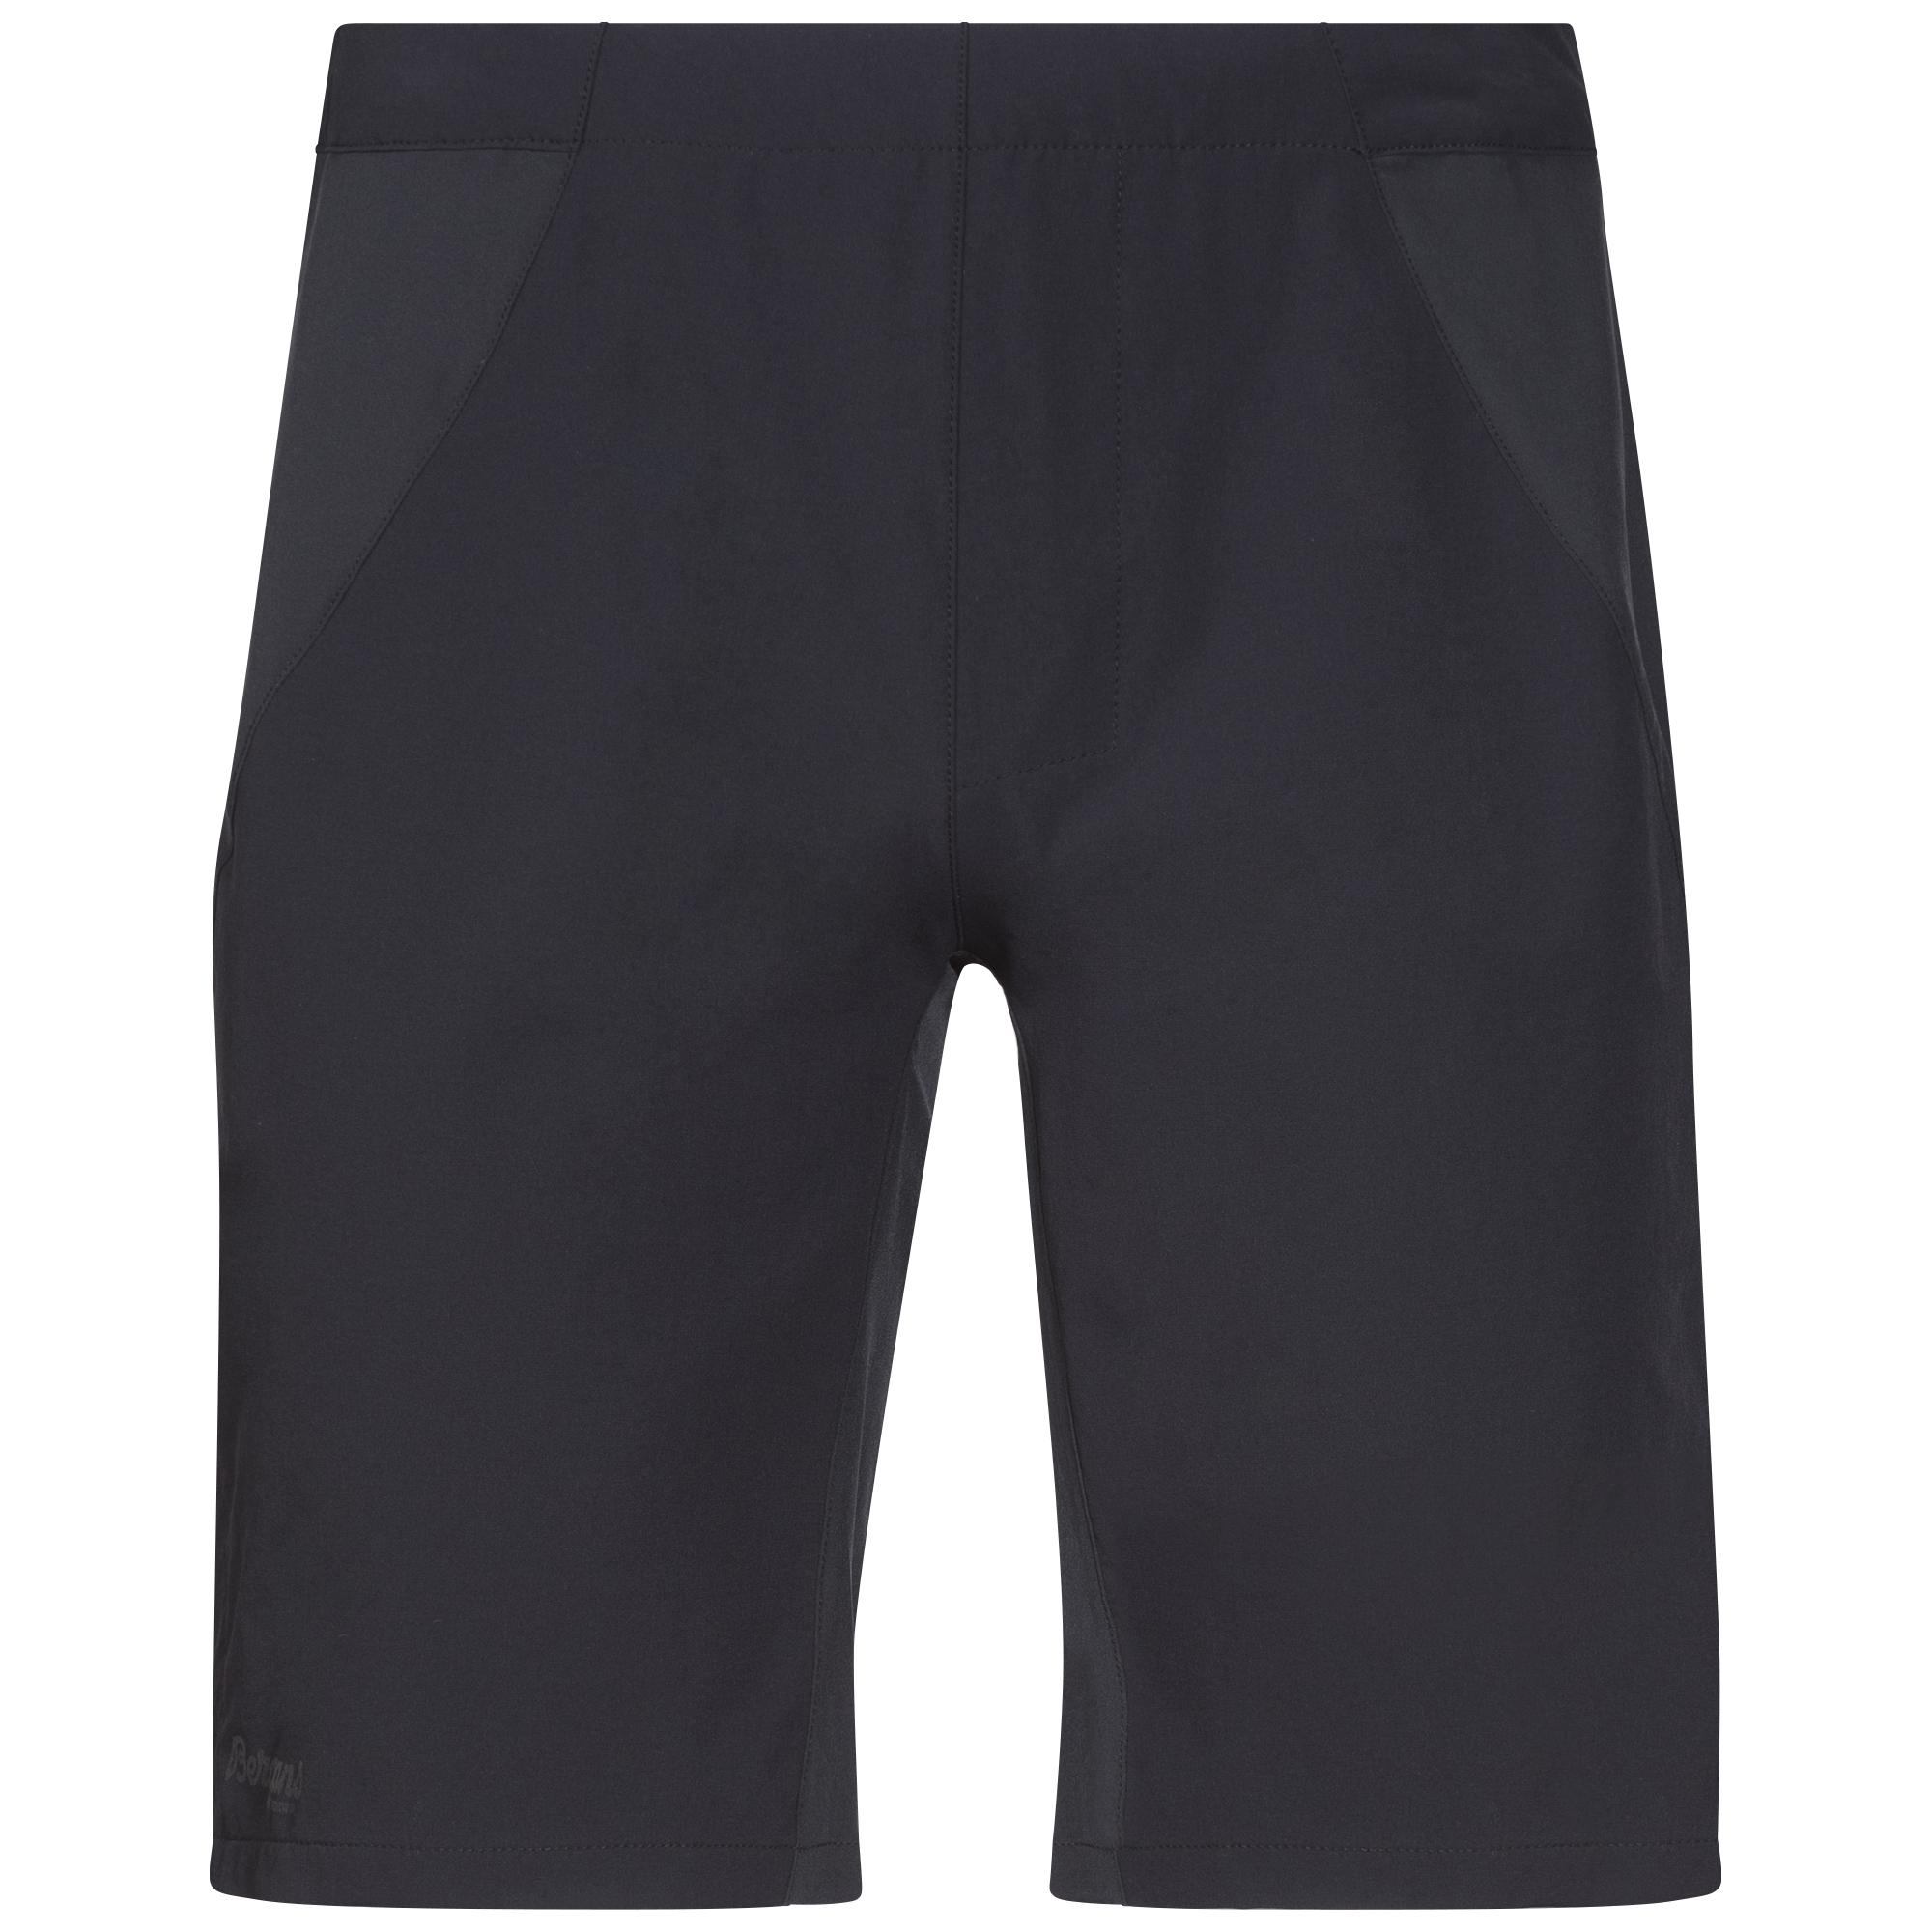 Pantaloni scurti Bergans Floyen - Negru